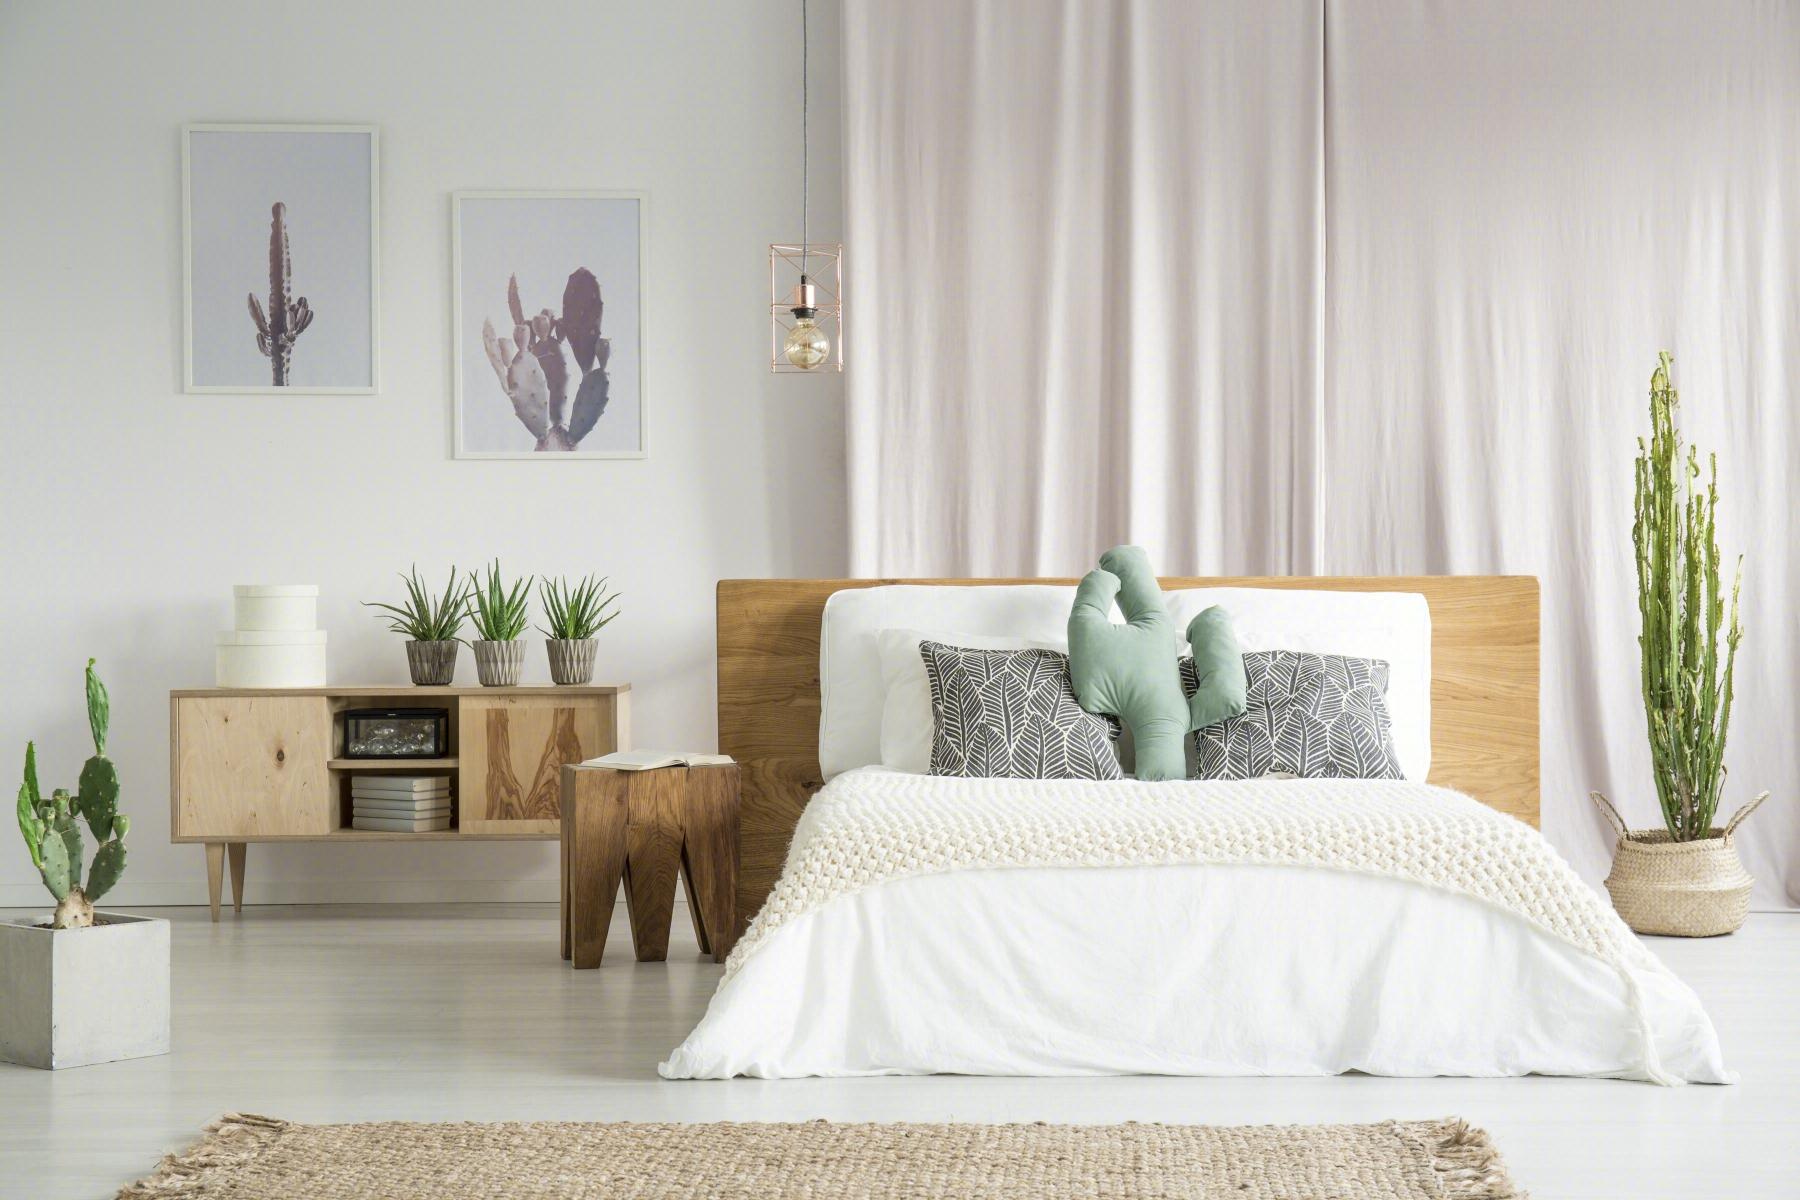 告别家居单调感,盆栽让空间充满活力,可这四类花真不适合卧室